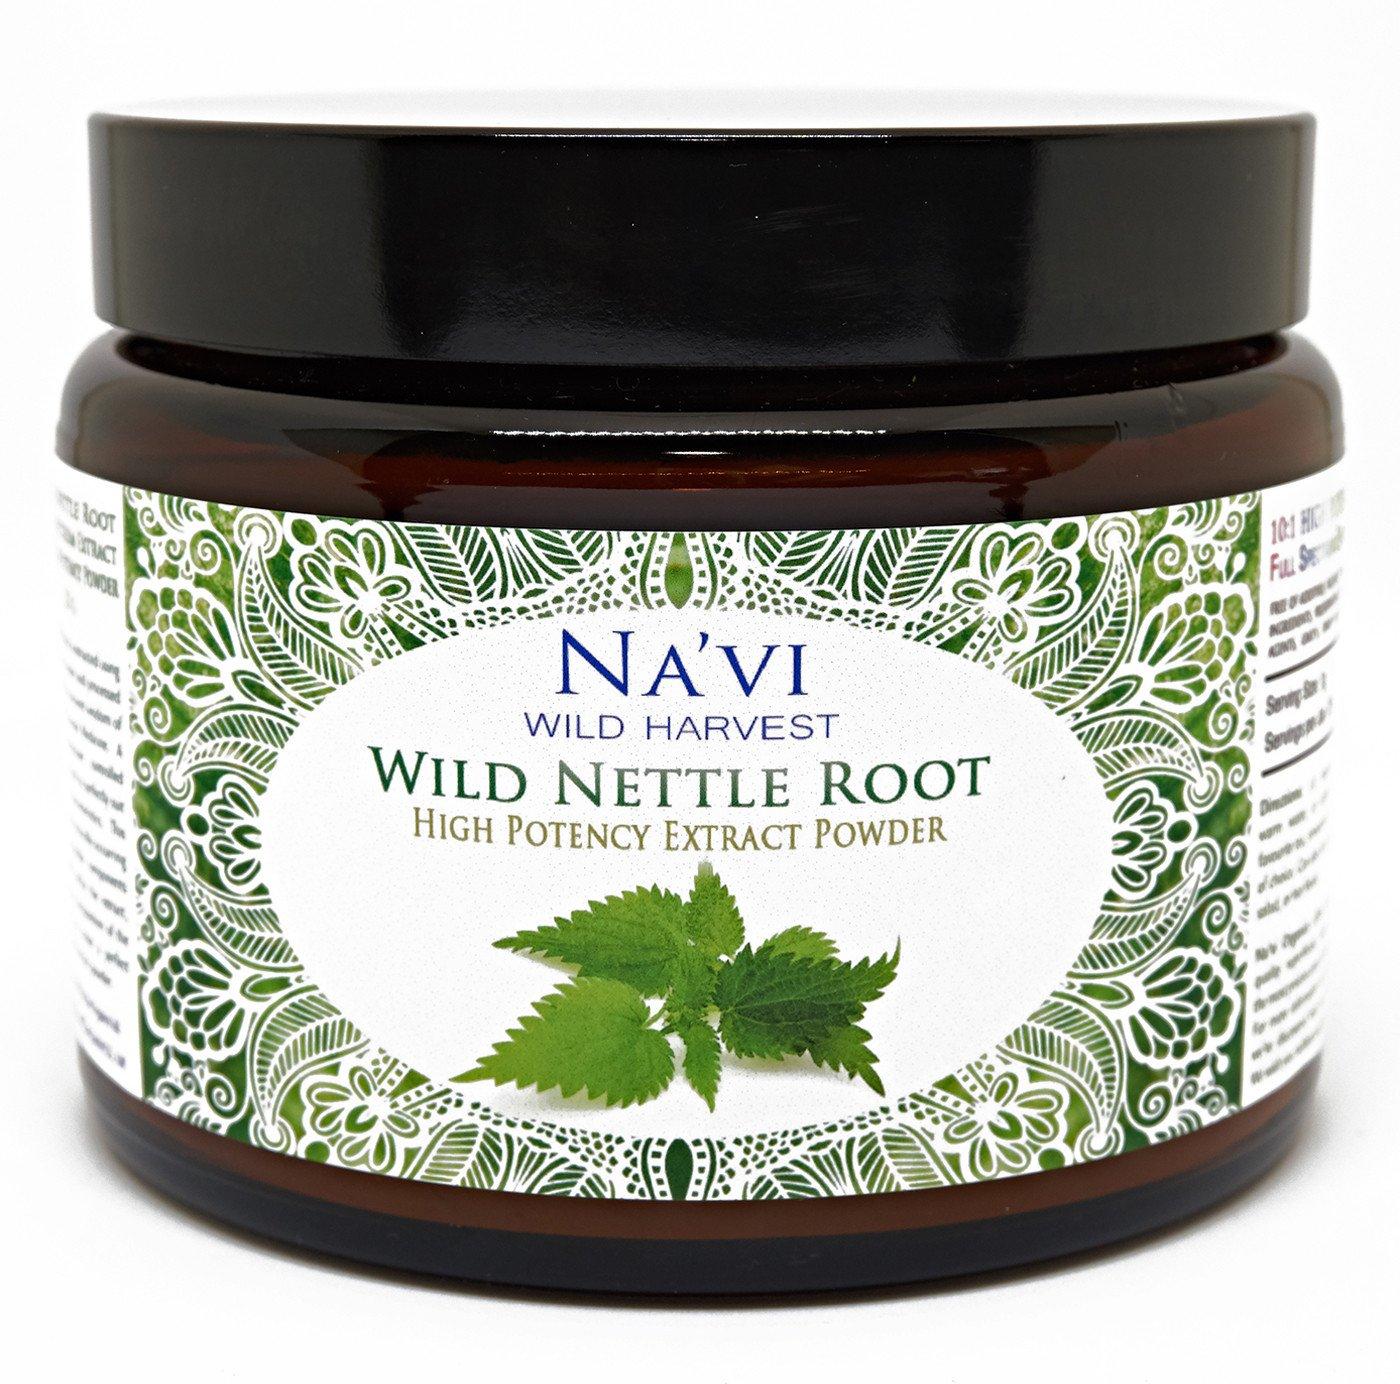 Full Spectrum Nettle Root Extract Powder - Wild Harvested (250g)